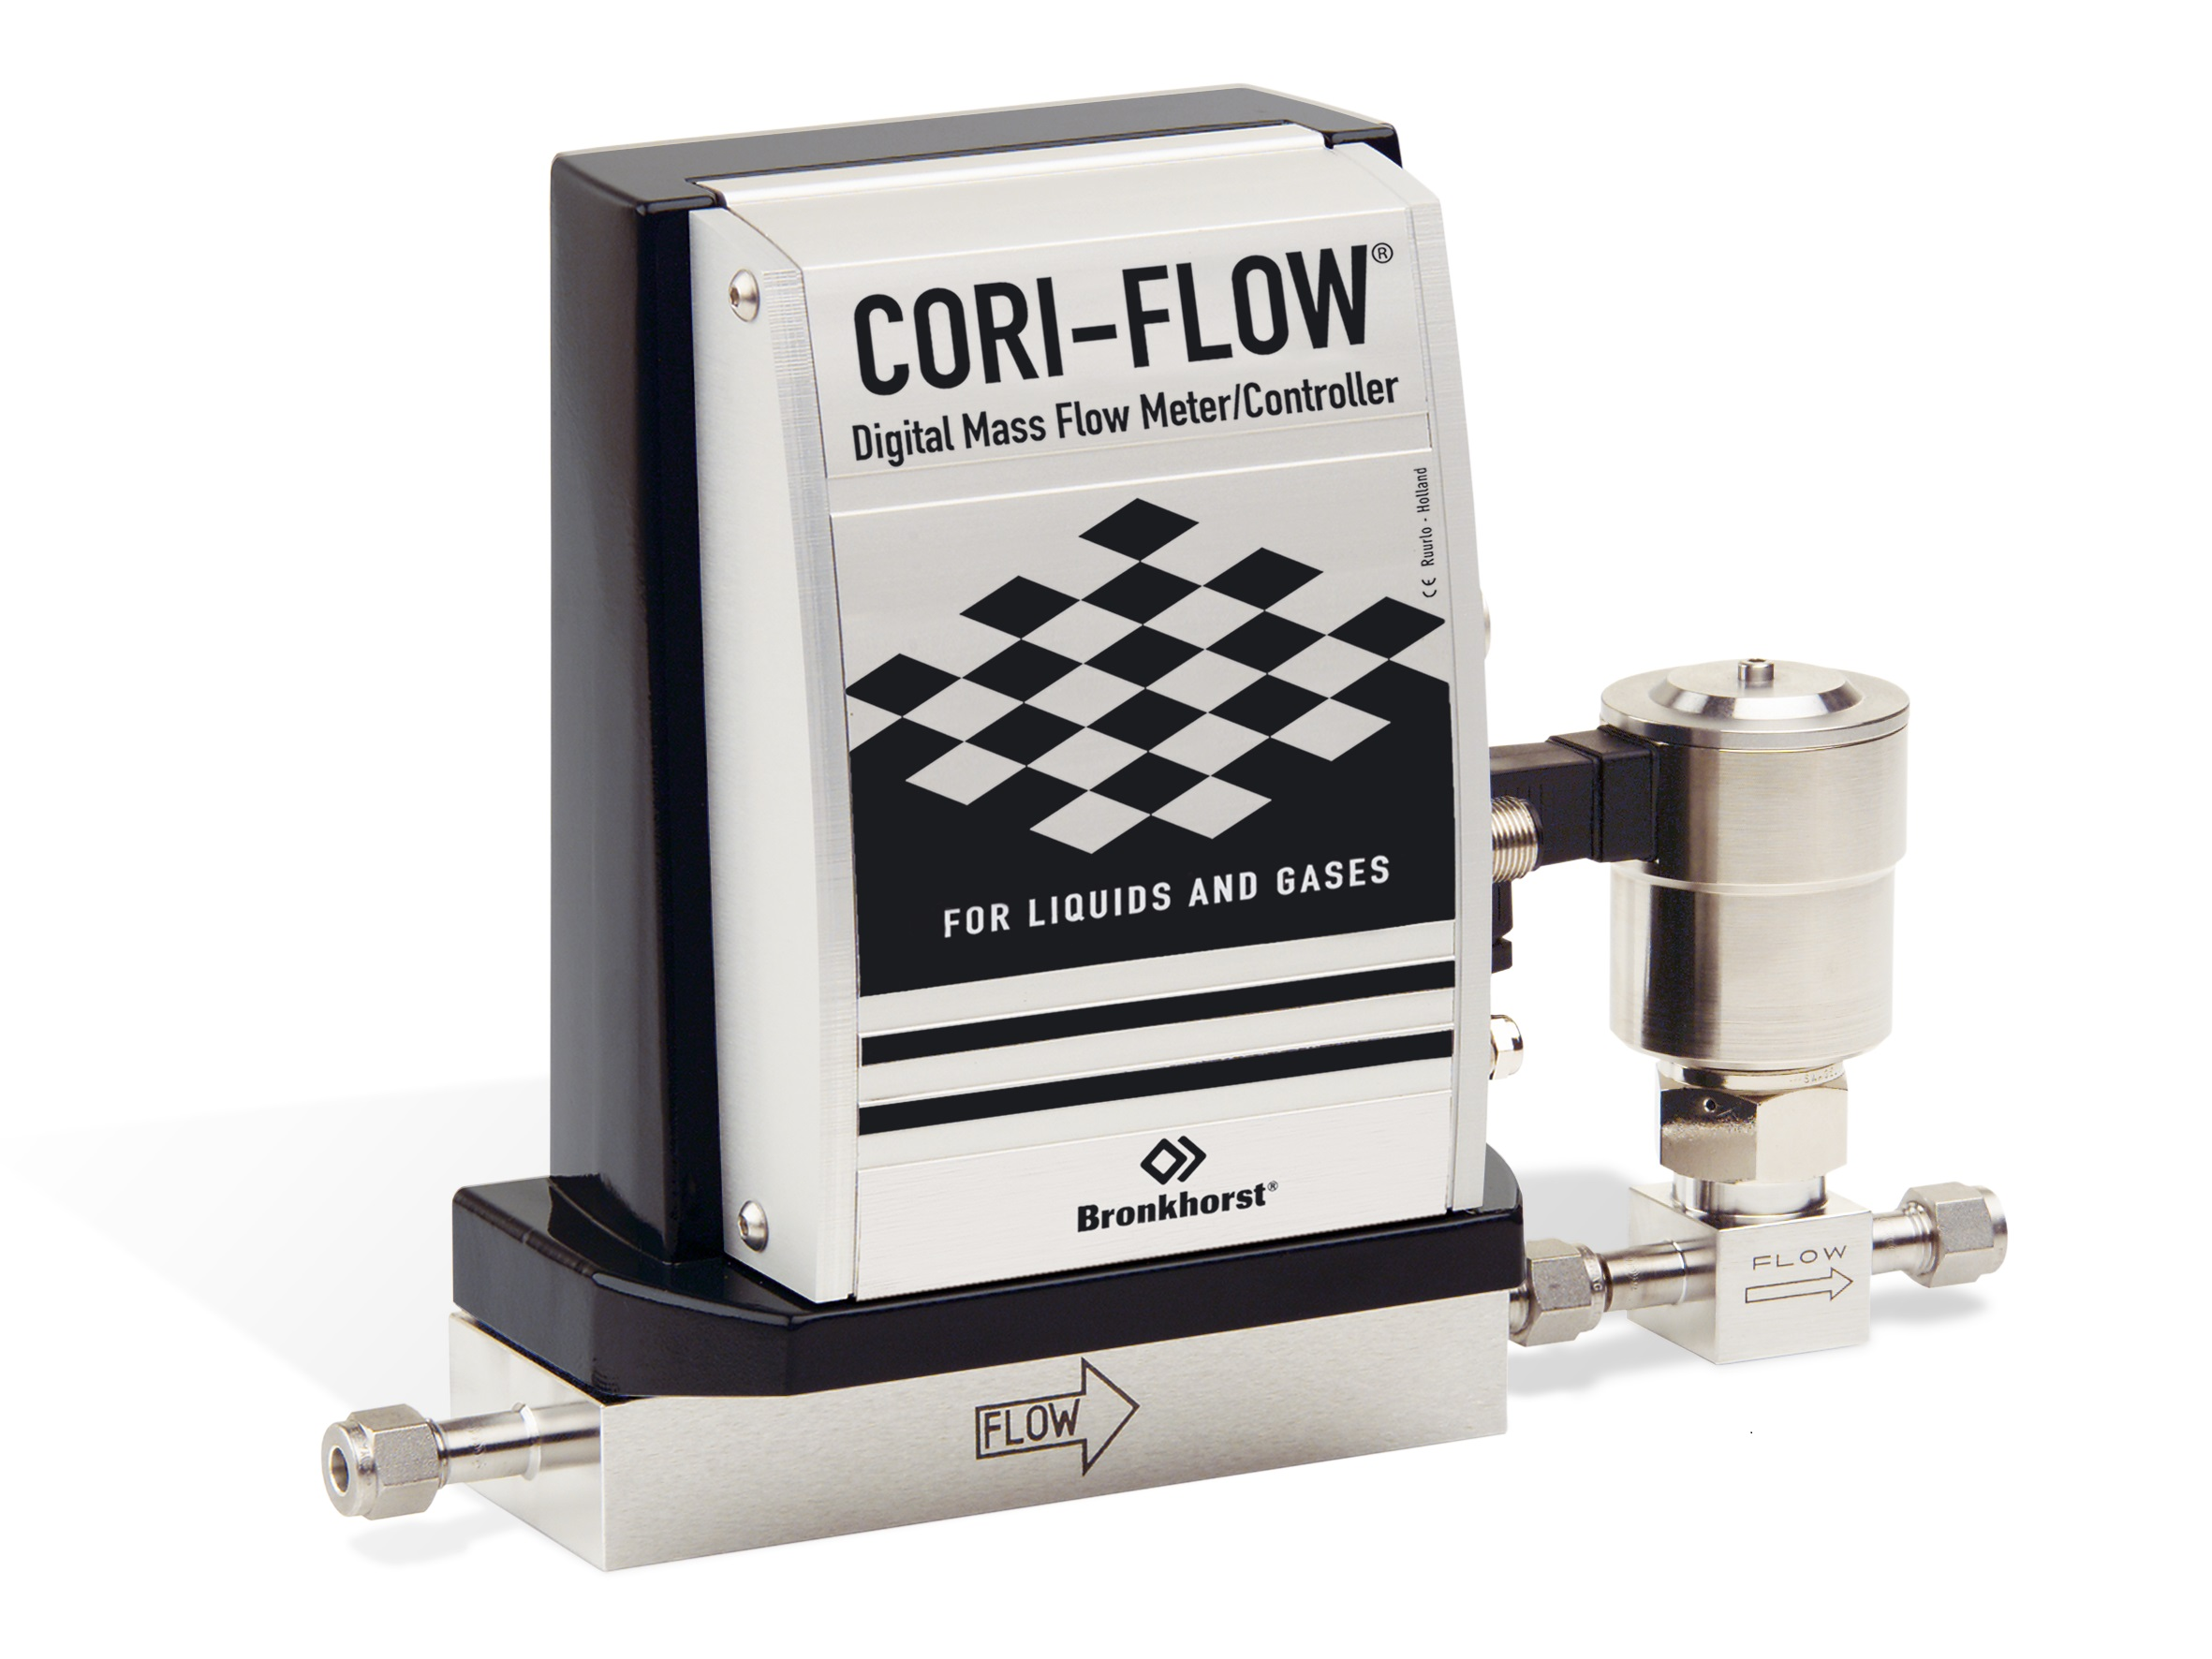 CORI-FLOW s priamo ovládaným regulačným ventilom